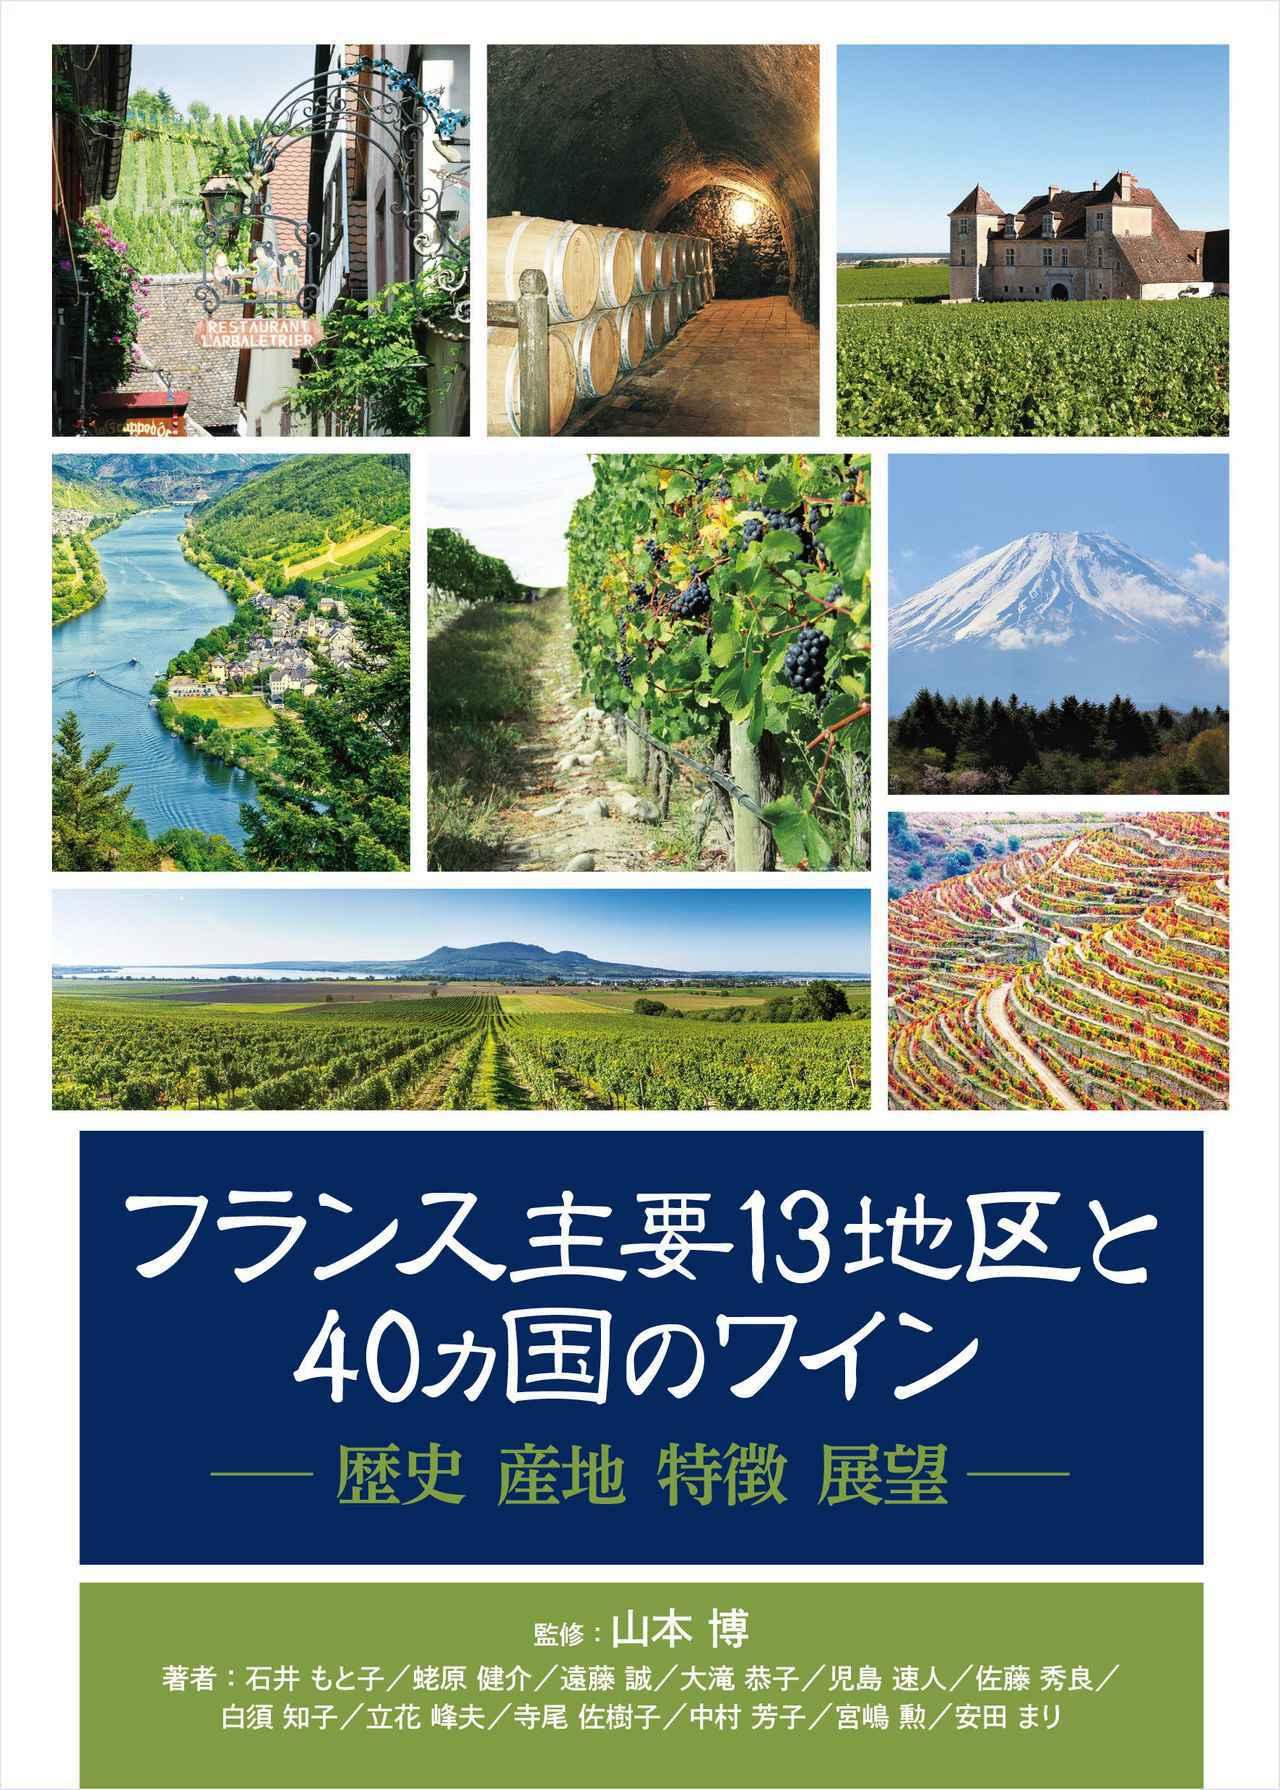 画像: 『フランス主要13地区と40ヵ国のワイン』〜WK Library お勧めブックガイド〜